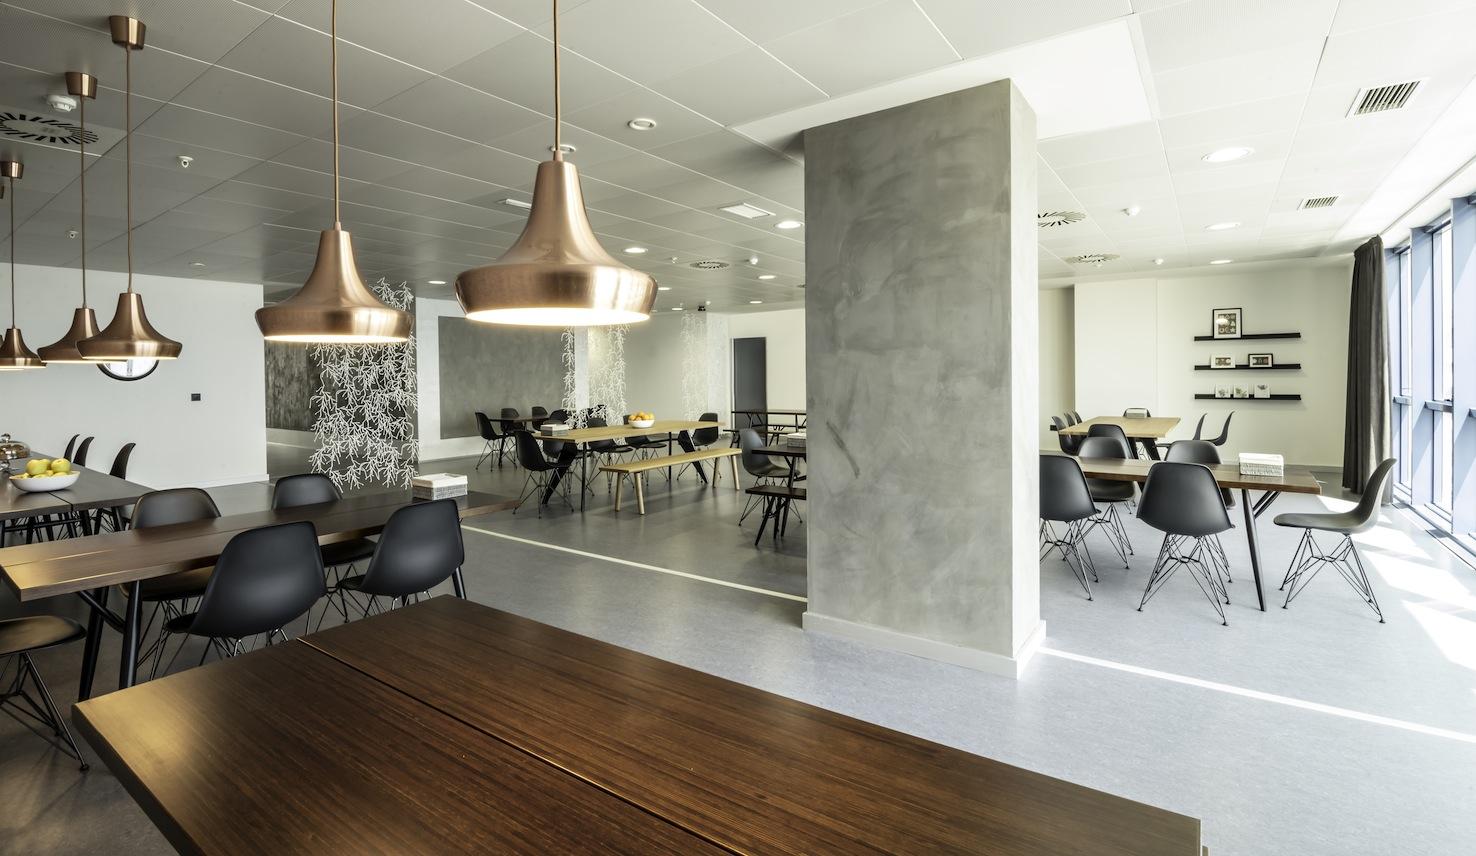 nuevo_edificioasv_comedor03 oficinas grupo asv Alicante